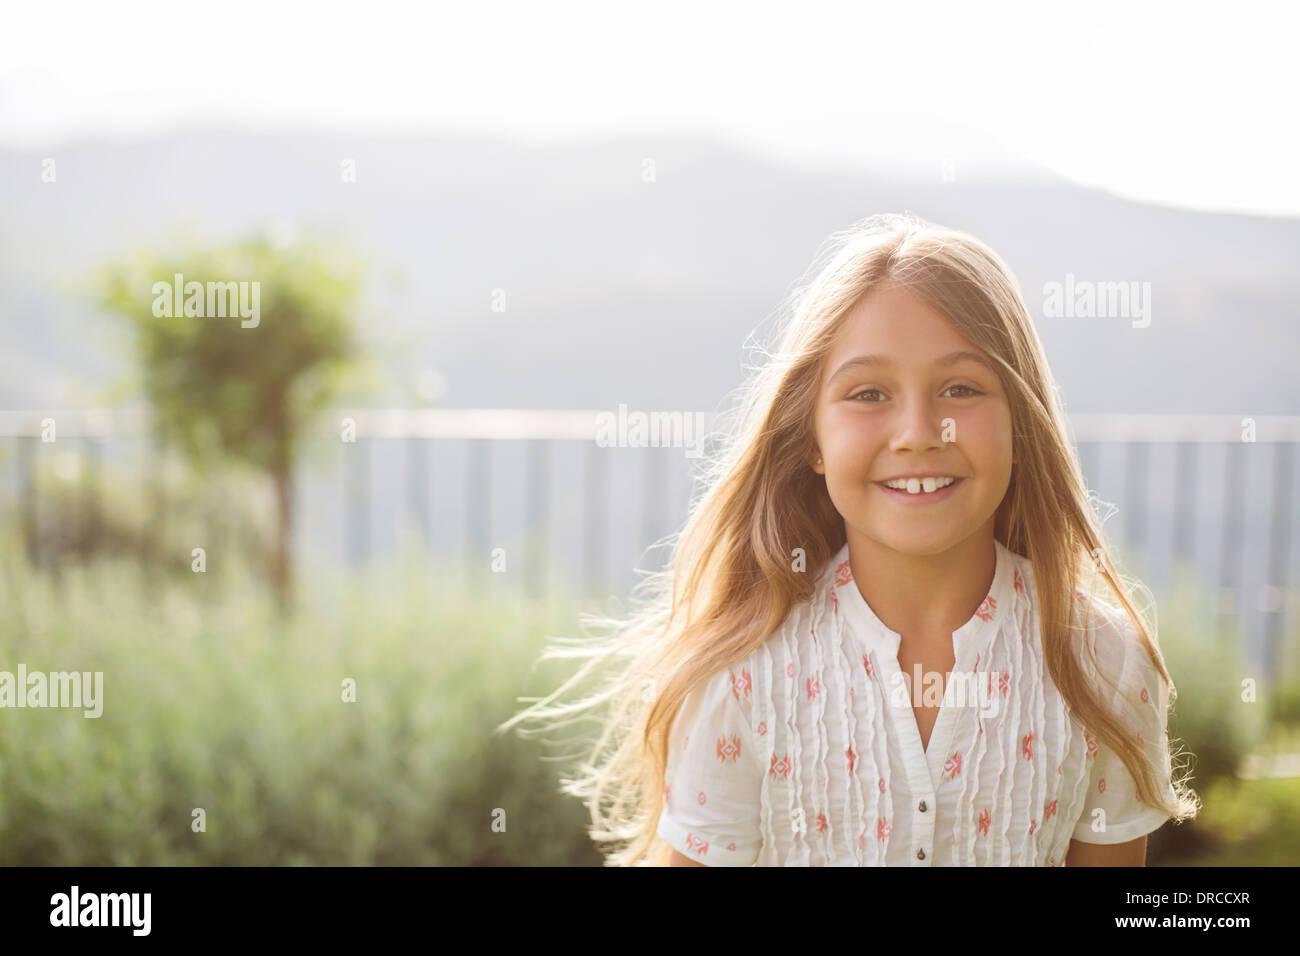 Mädchen lächelnd im freien Stockbild